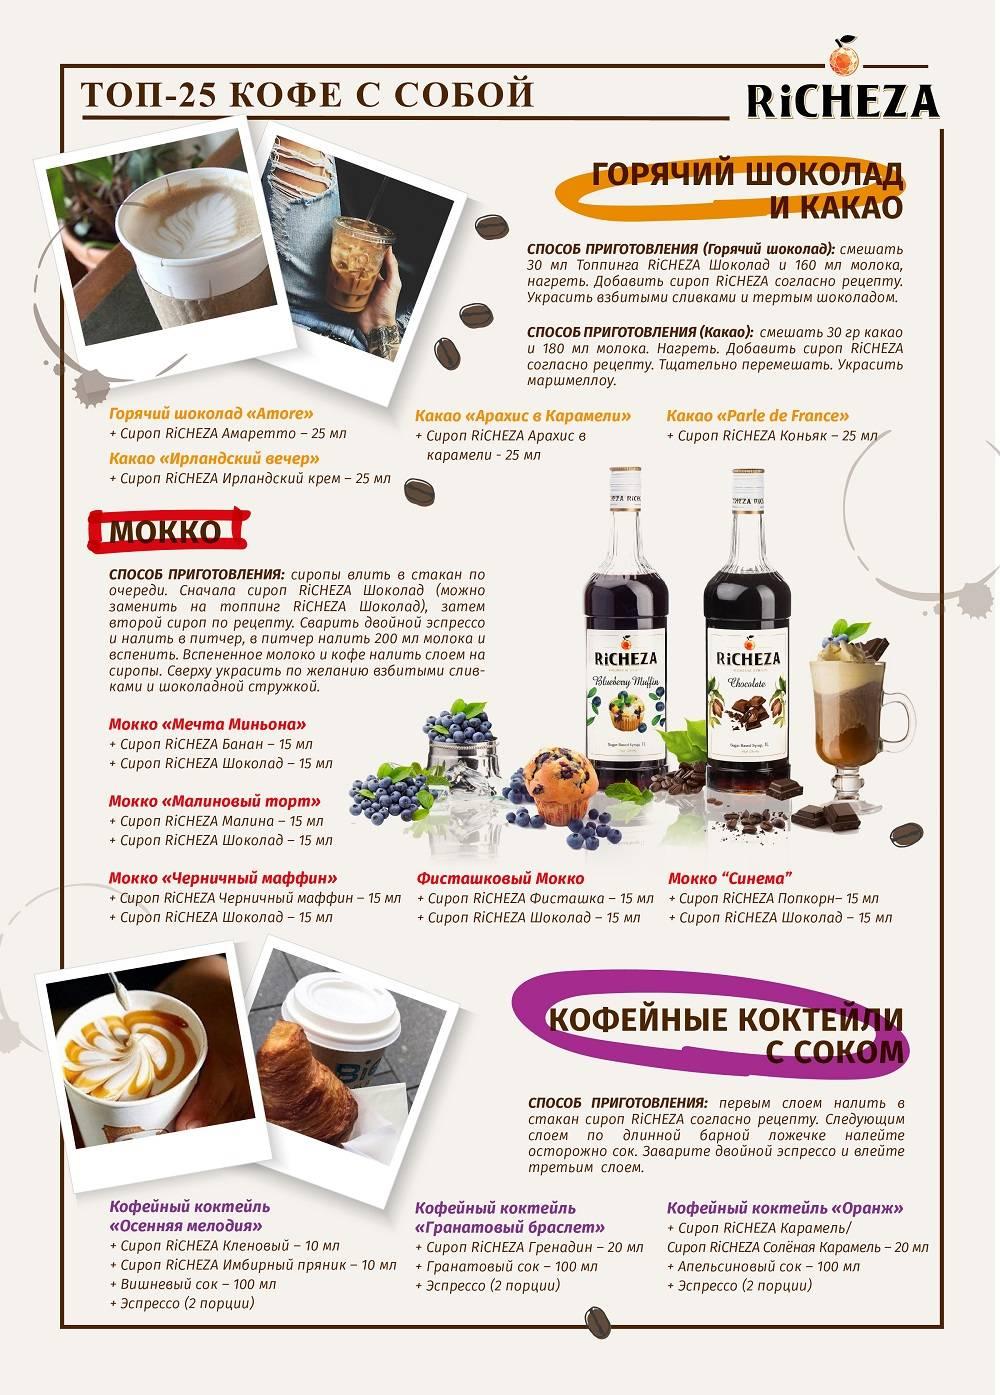 Сиропы для кофе какие лучше, рецепты как приготовить кофе с топпингом